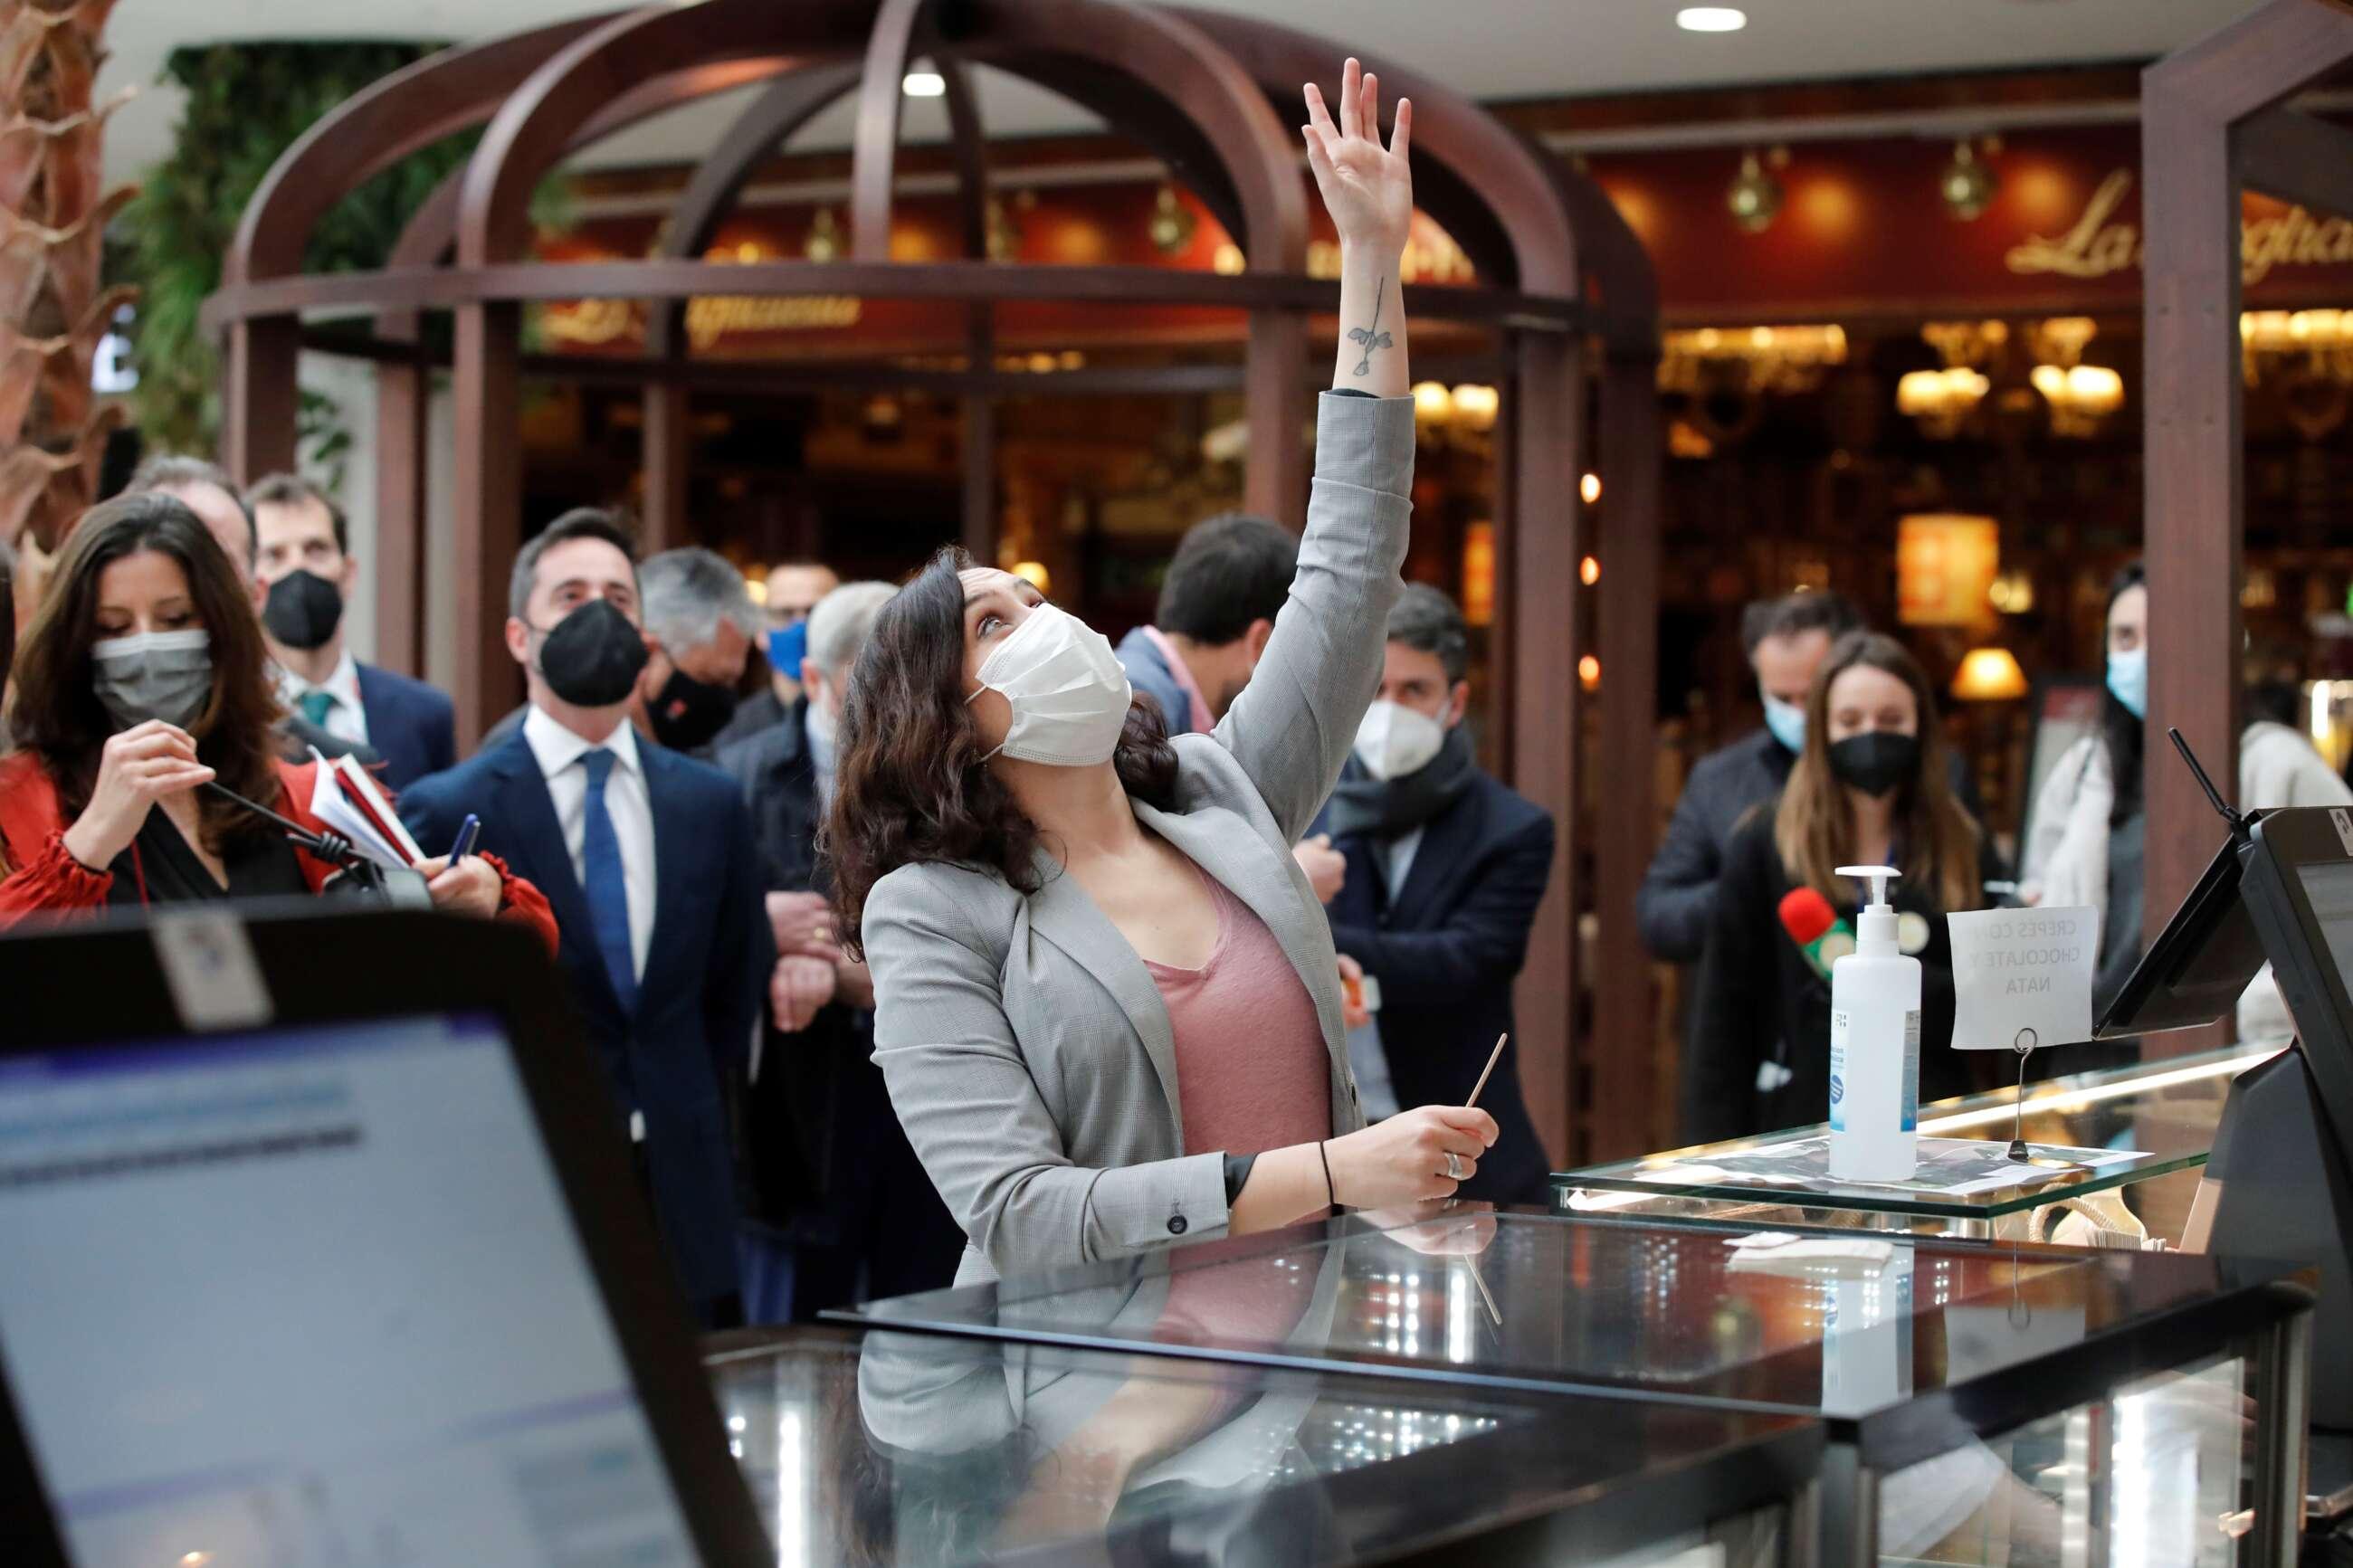 La presidenta de la Comunidad de Madrid, Isabel Díaz Ayuso, durante su visita a la nueva zona de restauración y hostelería del centro comercial Xanadú en la localidad madrileña de Arroyomolinos. EFE/Juan Carlos Hidalgo